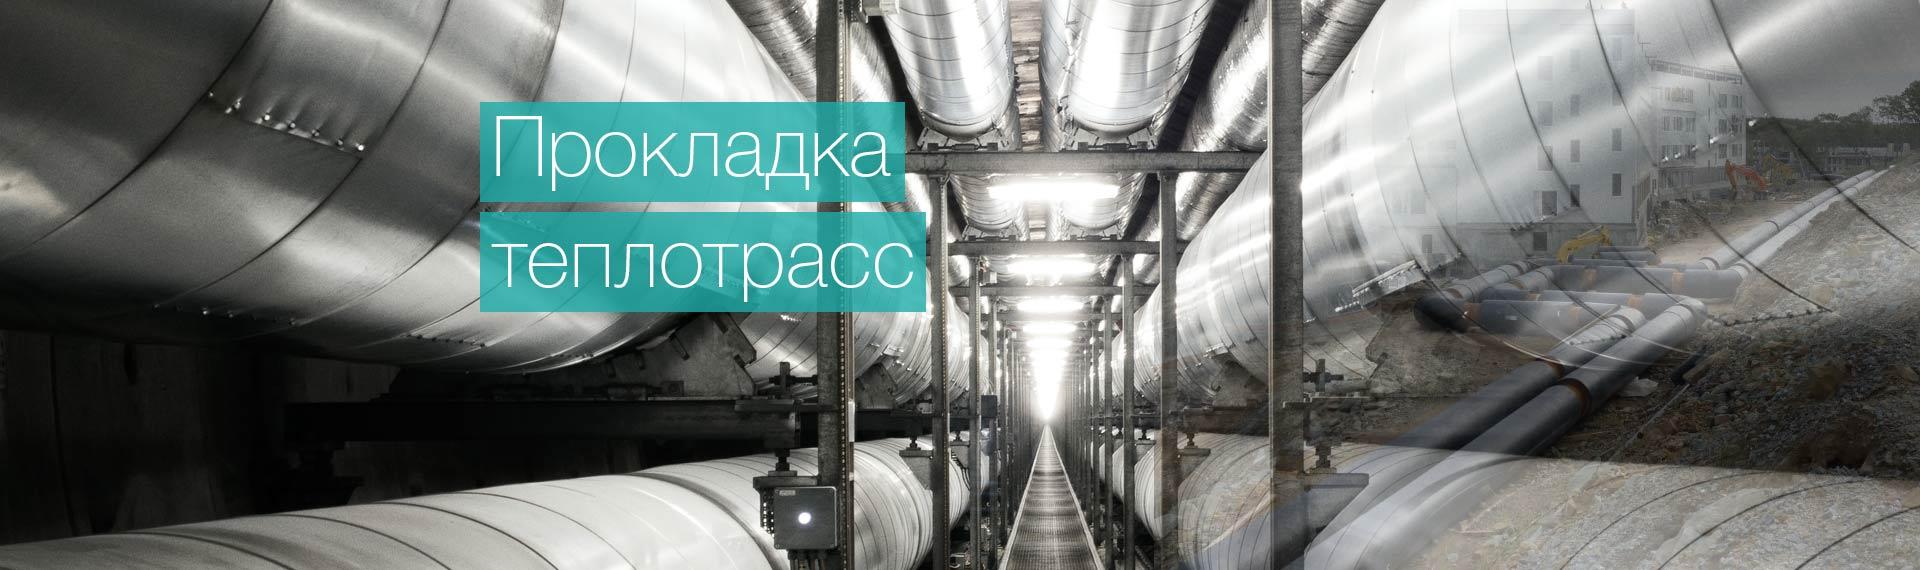 Строительство теплотрасс в Смоленске